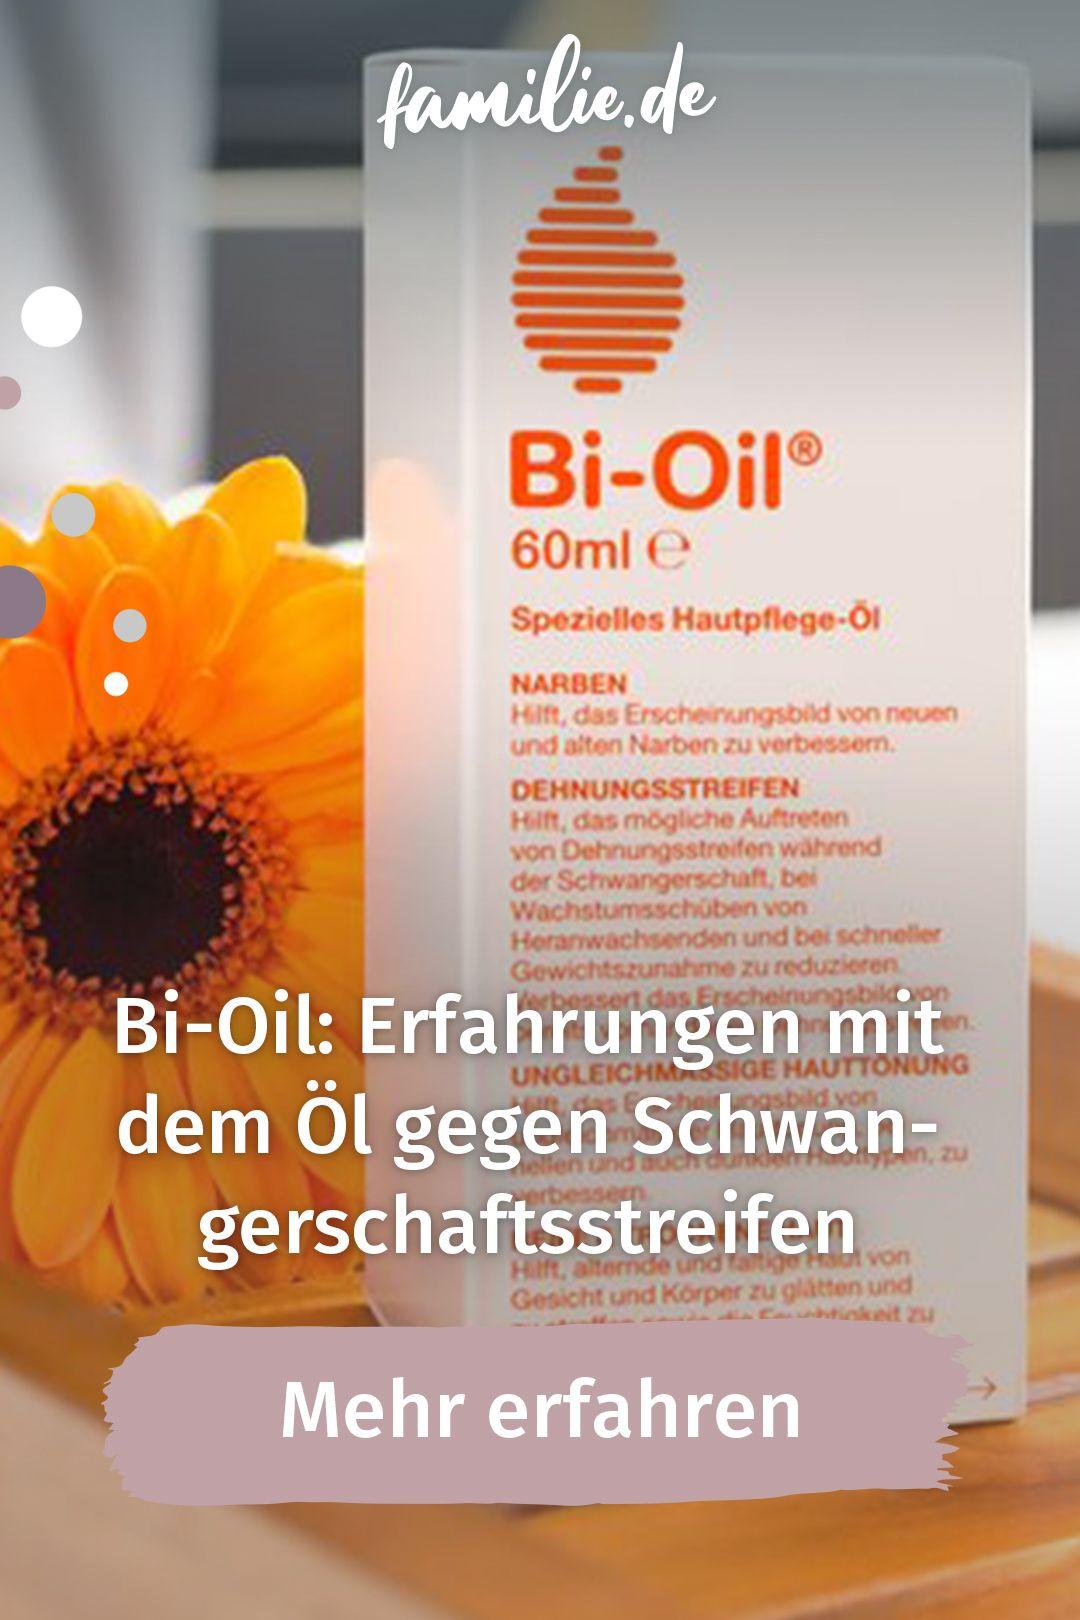 Oil dehnungsstreifen bi erfahrungen Aufgefüllt #1